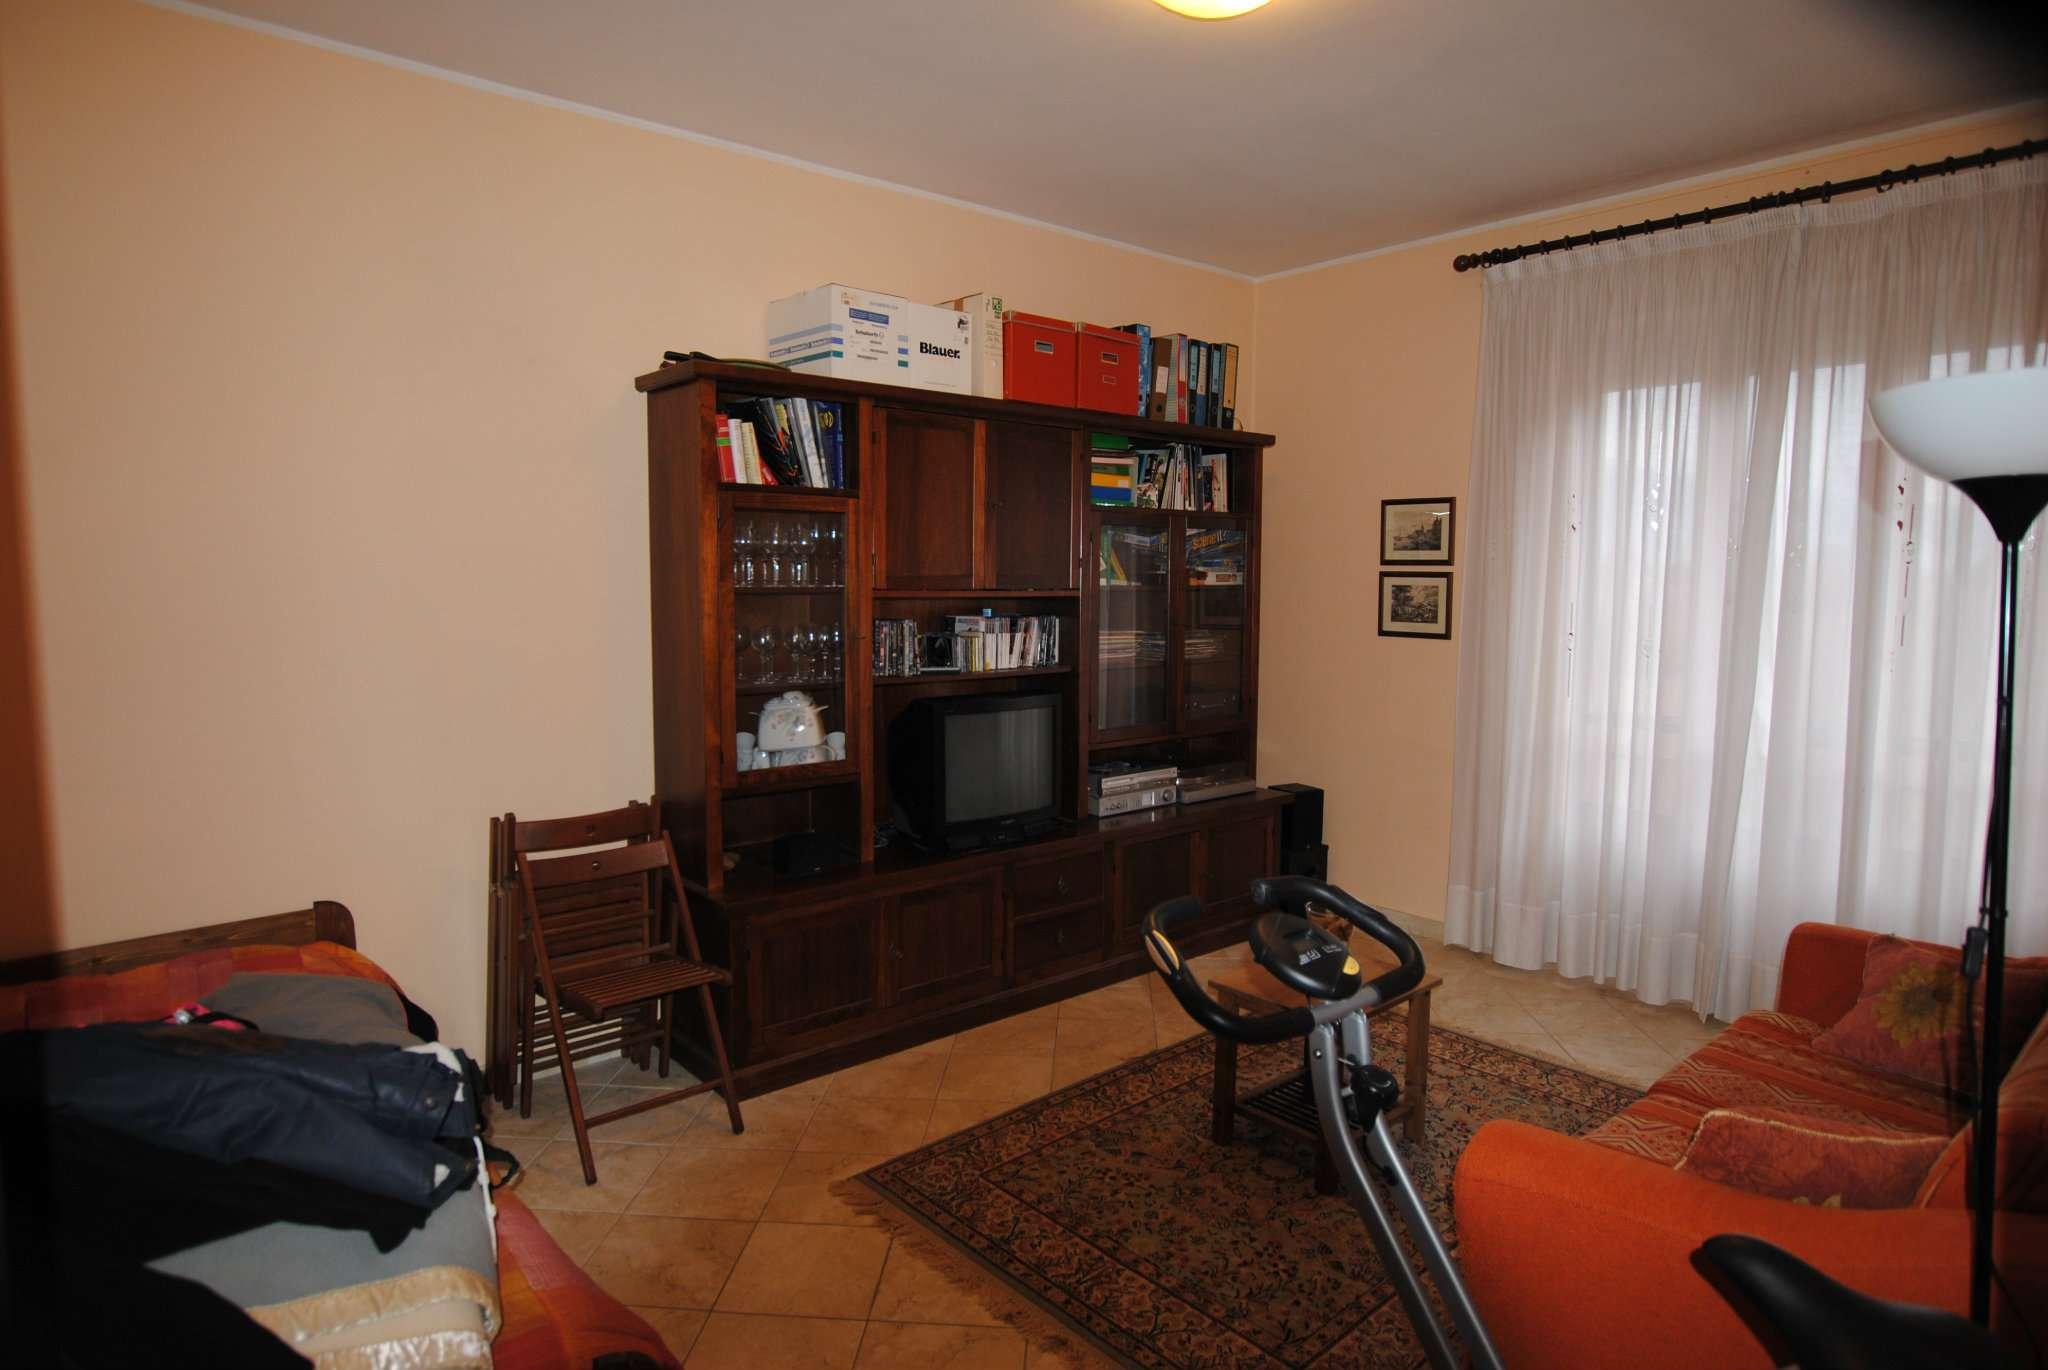 Appartamento in vendita a Sant'Antonino di Susa, 3 locali, prezzo € 75.000 | Cambio Casa.it